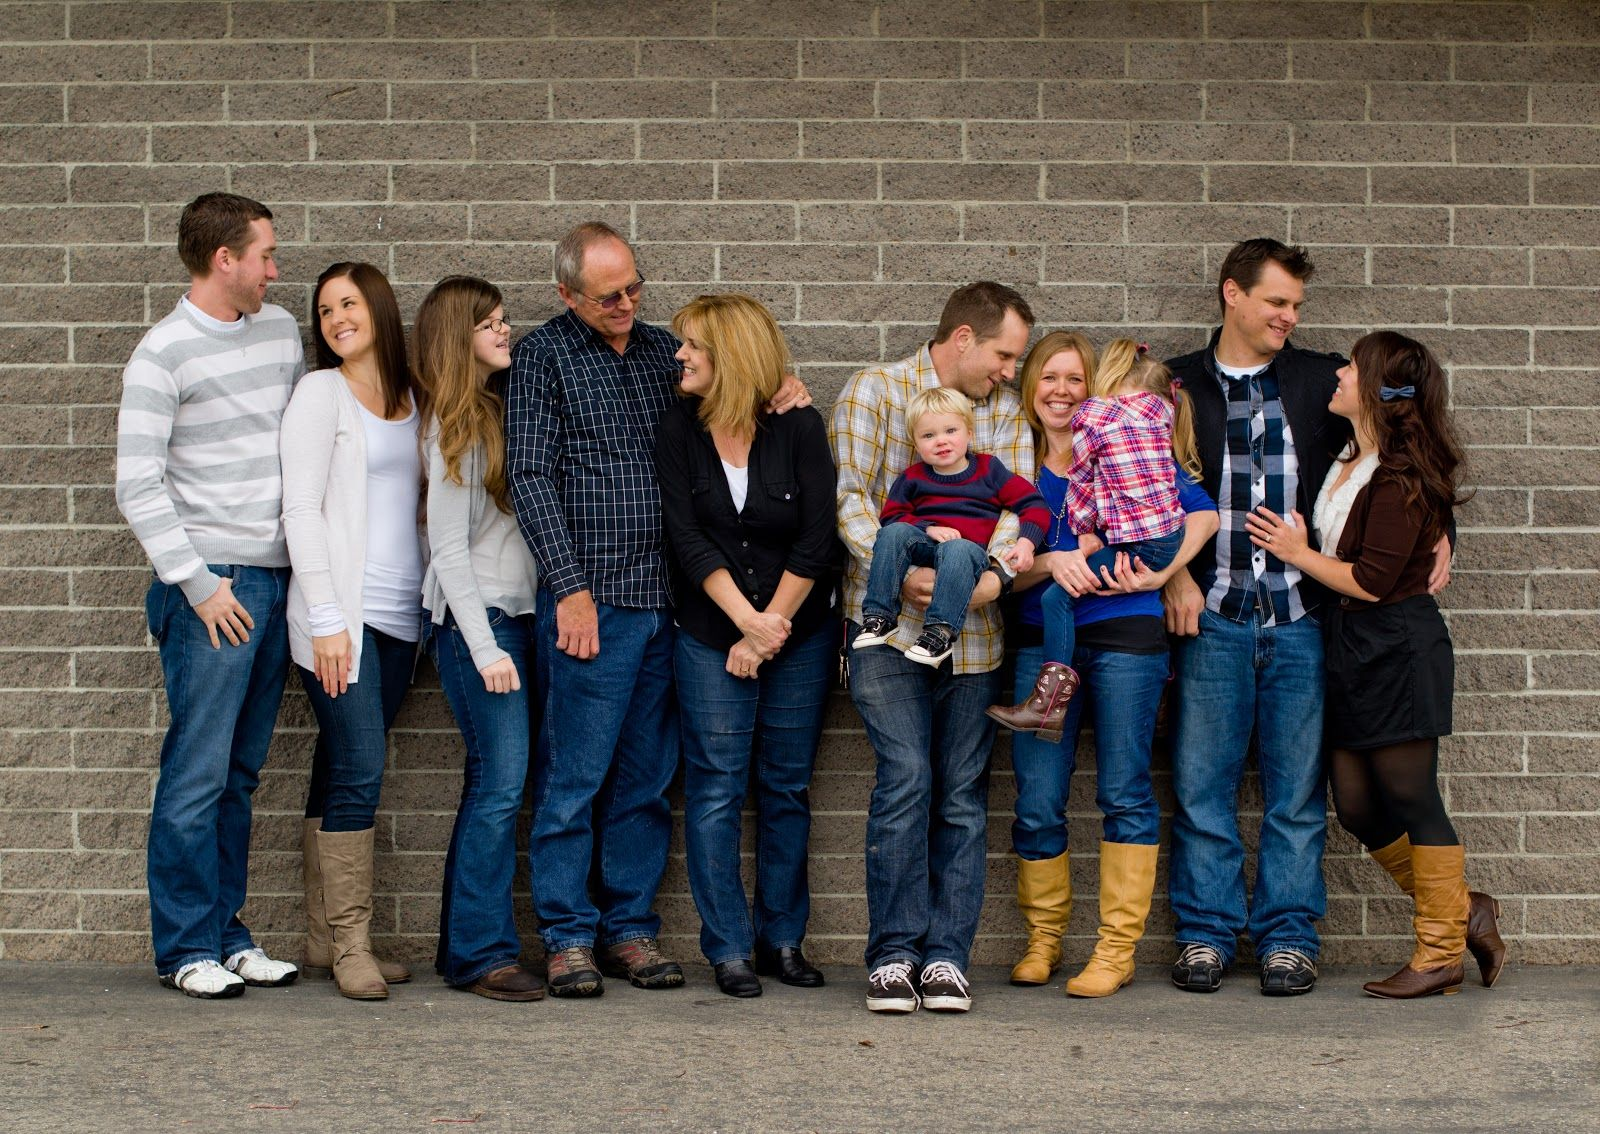 жаль, постановочные фотографии большой семьи можете исправить